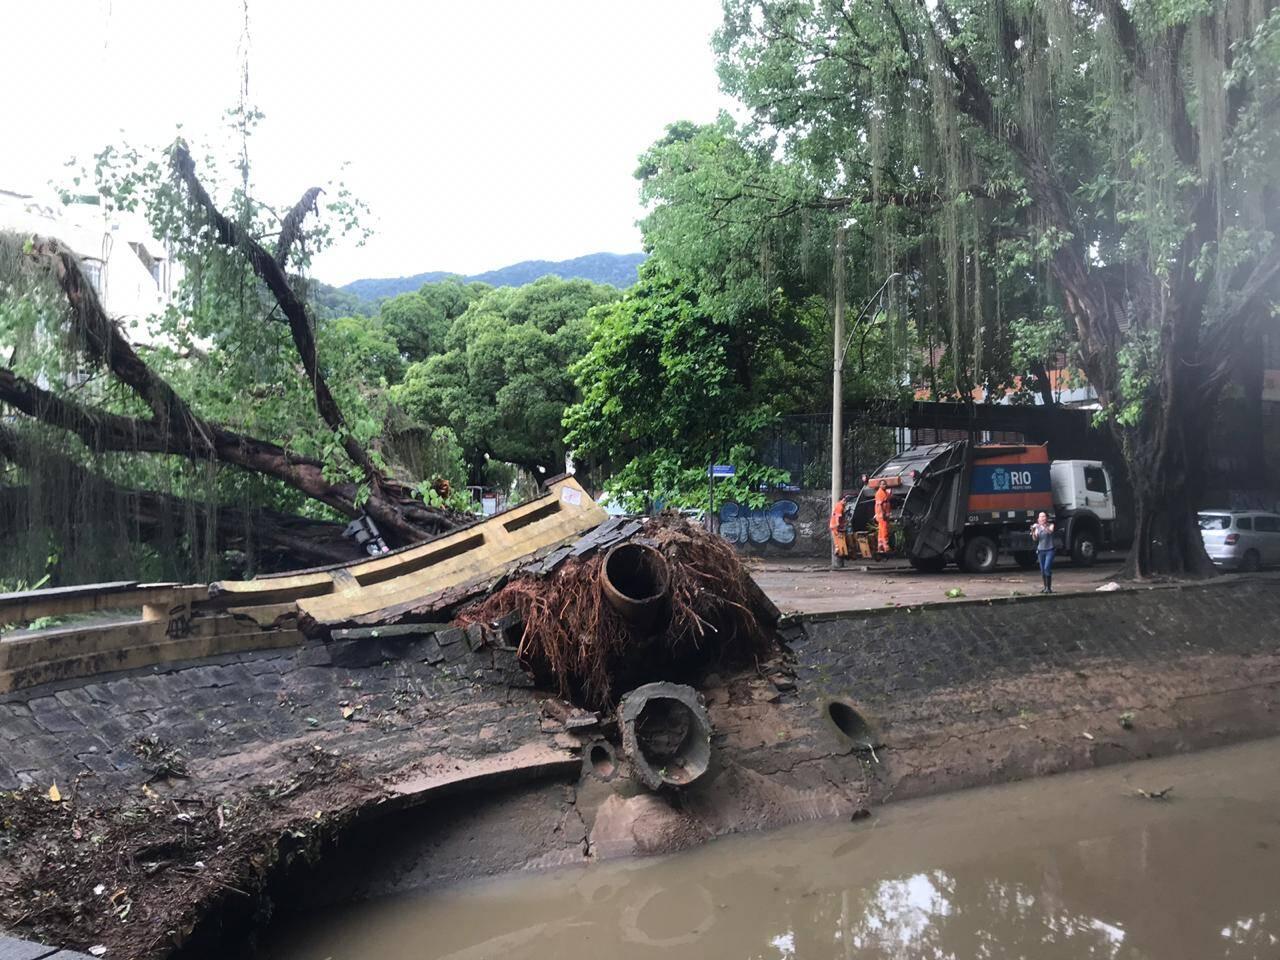 Queda de árvore no Leblon causa bloqueio de via no Rio de Janeiro; 170 árvores caíram. Foto: Divulgação/Centro de Operações Rio